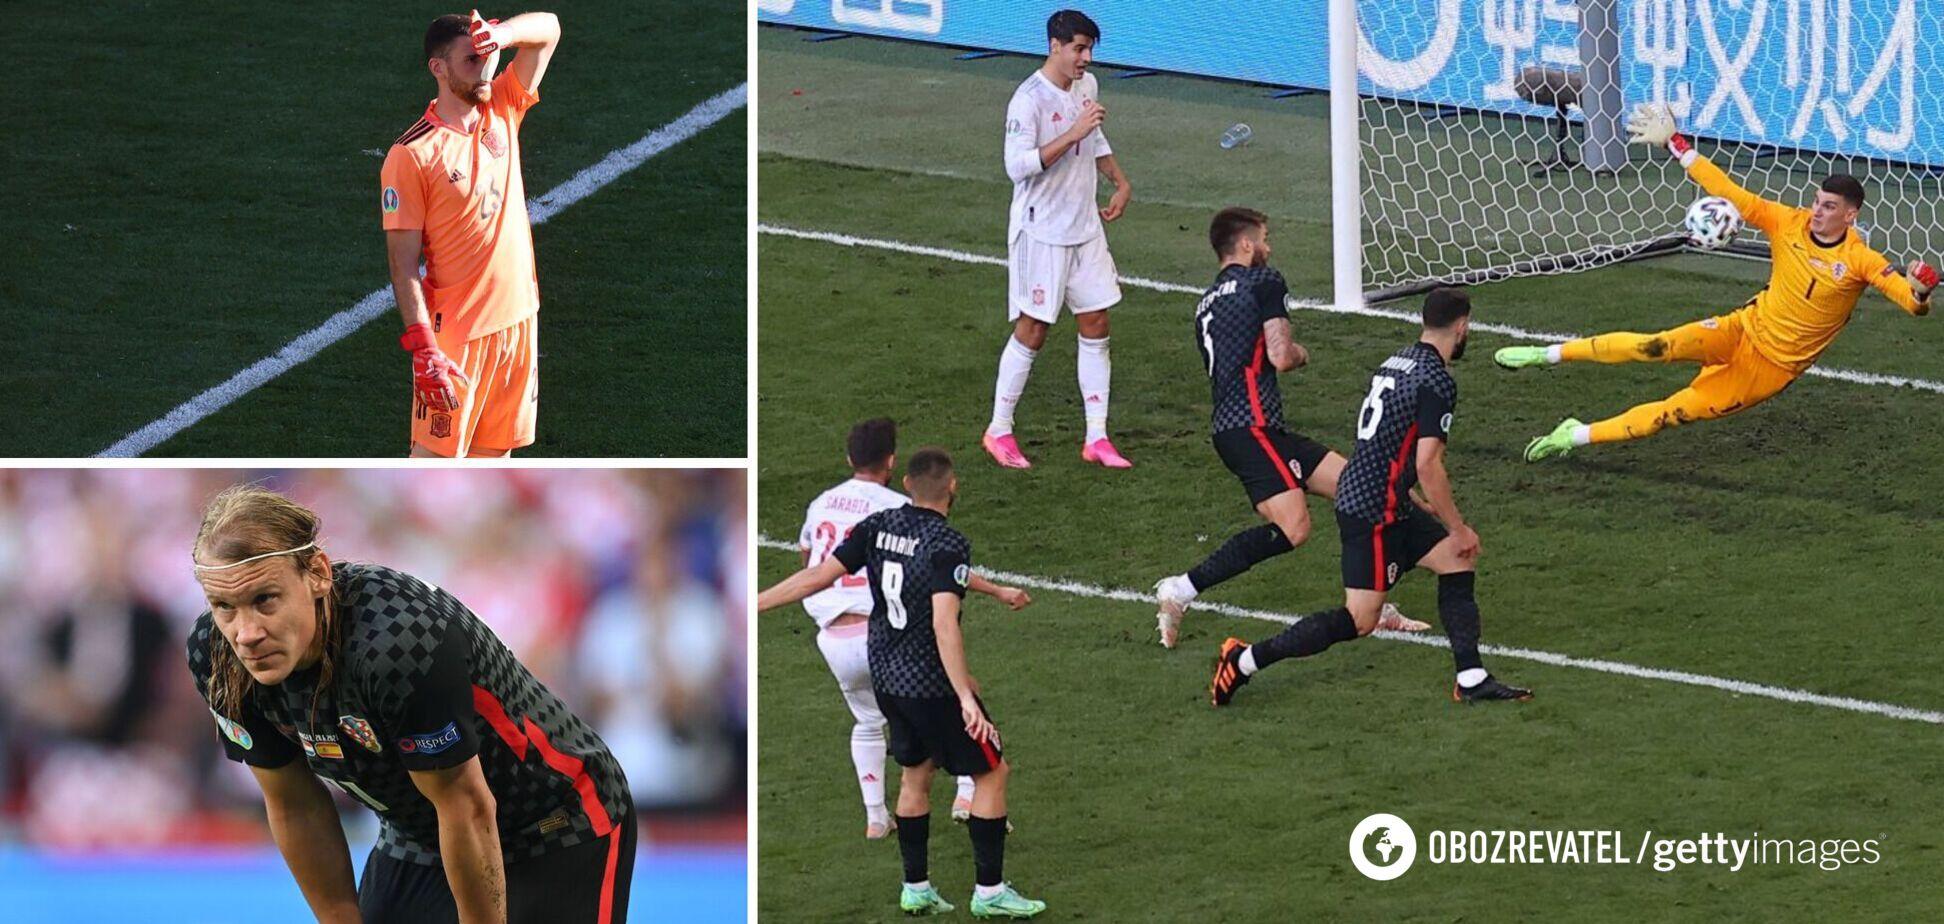 Хорваты и испанцы играют в 1/8 финала Евро-2020